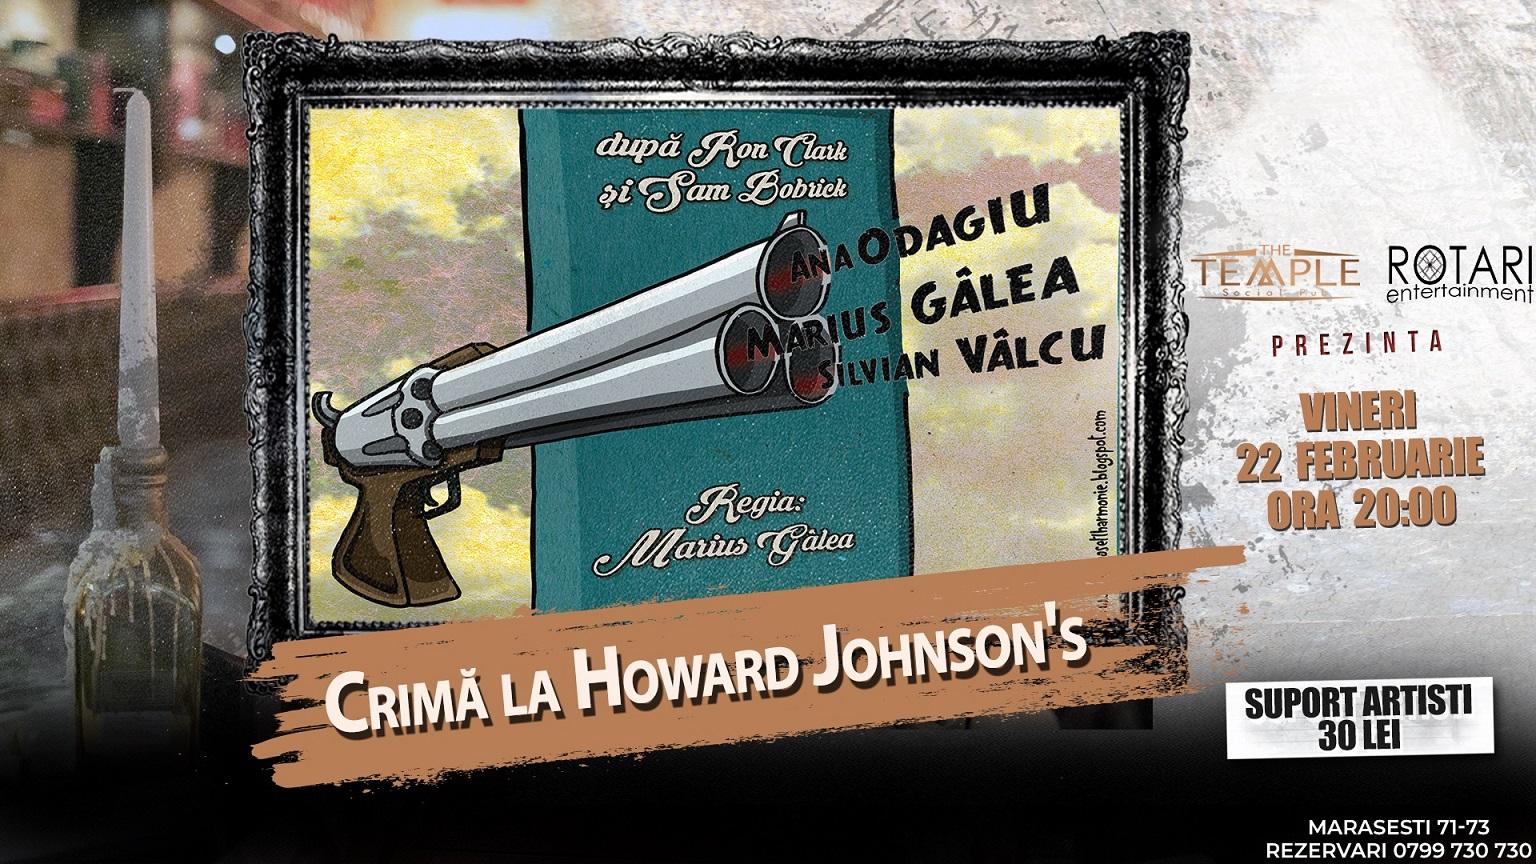 """Piesa de teatru """"Crimă la Howard Johnson's"""" în regia lui Marius Gîlea, cu Ana Odagiu, Silvian Vâlcu și Marius Gîlea,la The Temple Social Pub"""